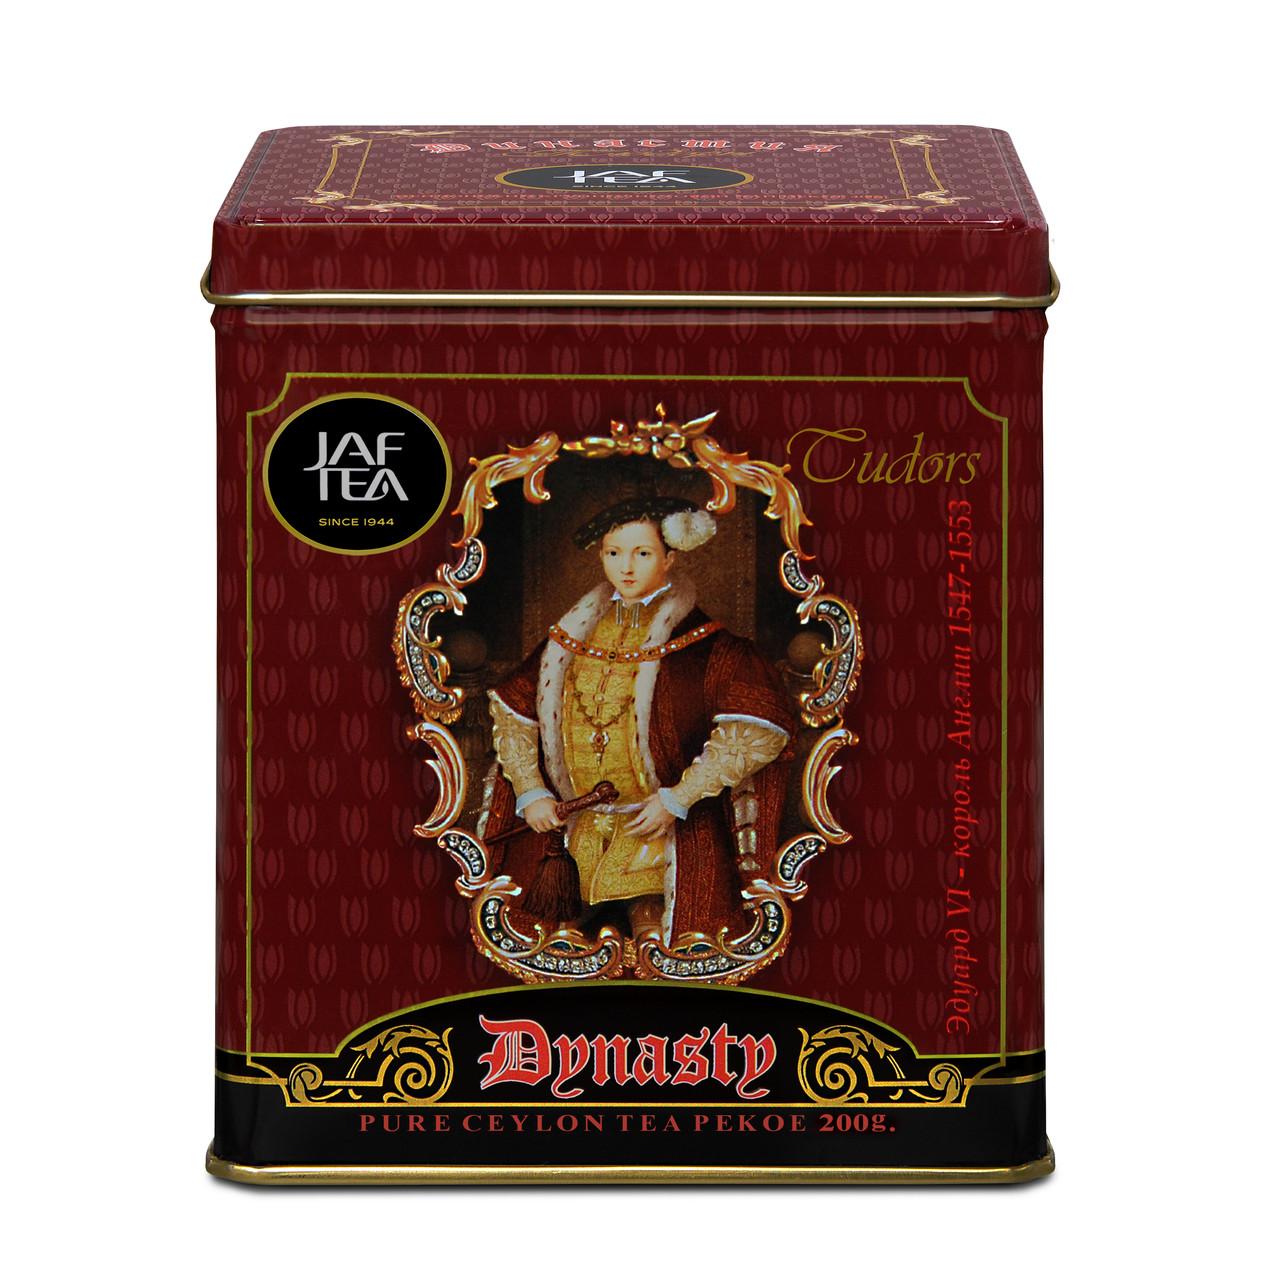 Цейлонский среднелистовой черный чай Джаф Ти Династия 200 грамм в жестяной банке